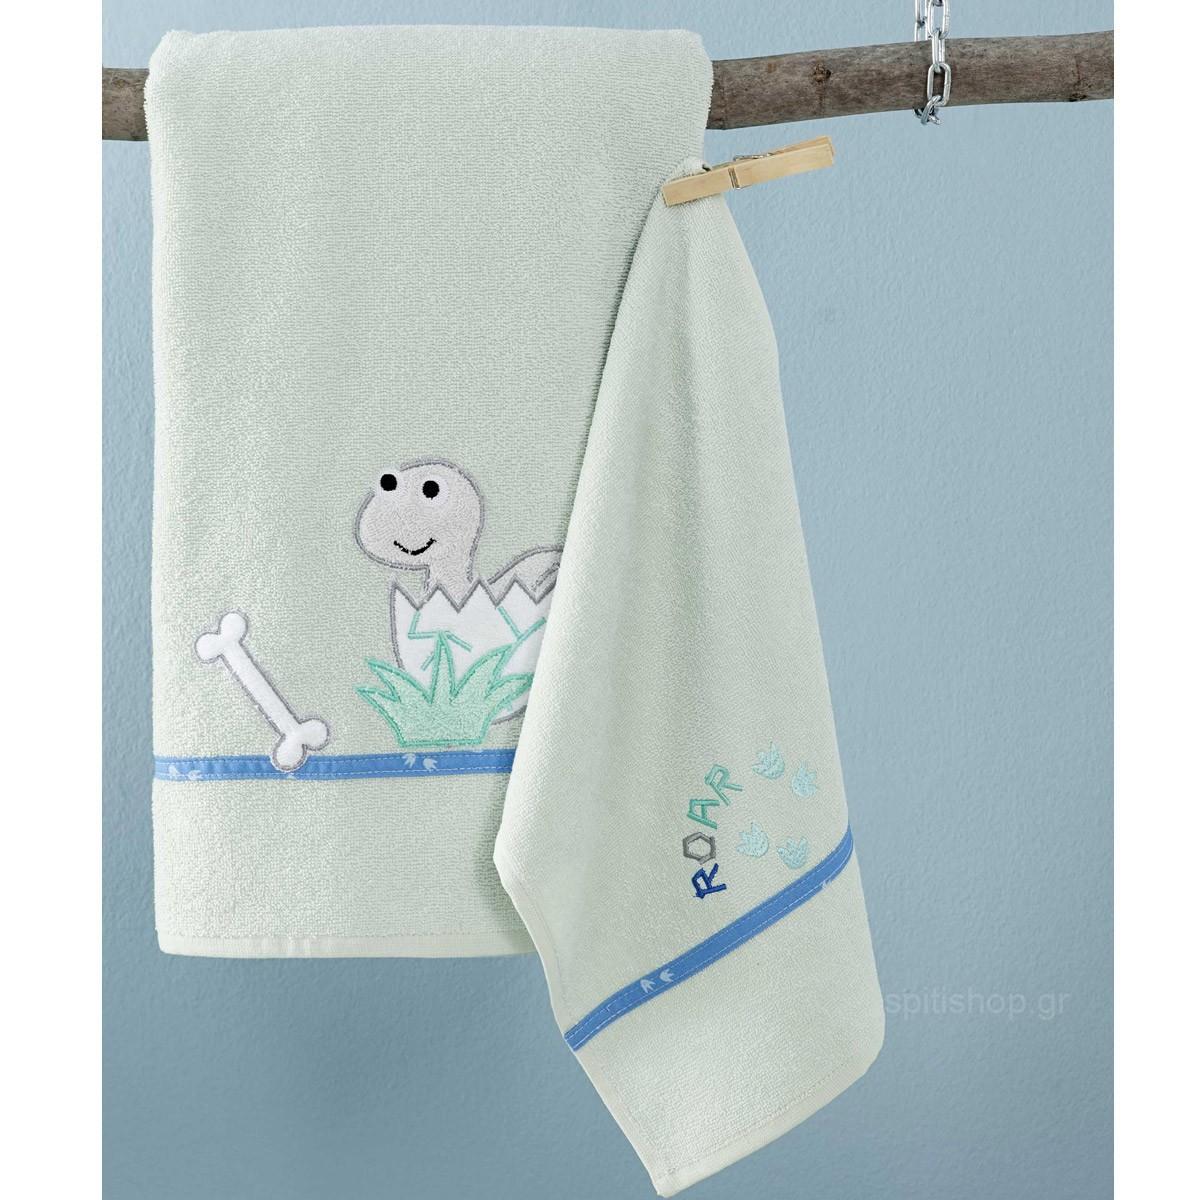 Βρεφικές Πετσέτες (Σετ 2τμχ) Nima Baby Roar Aqua